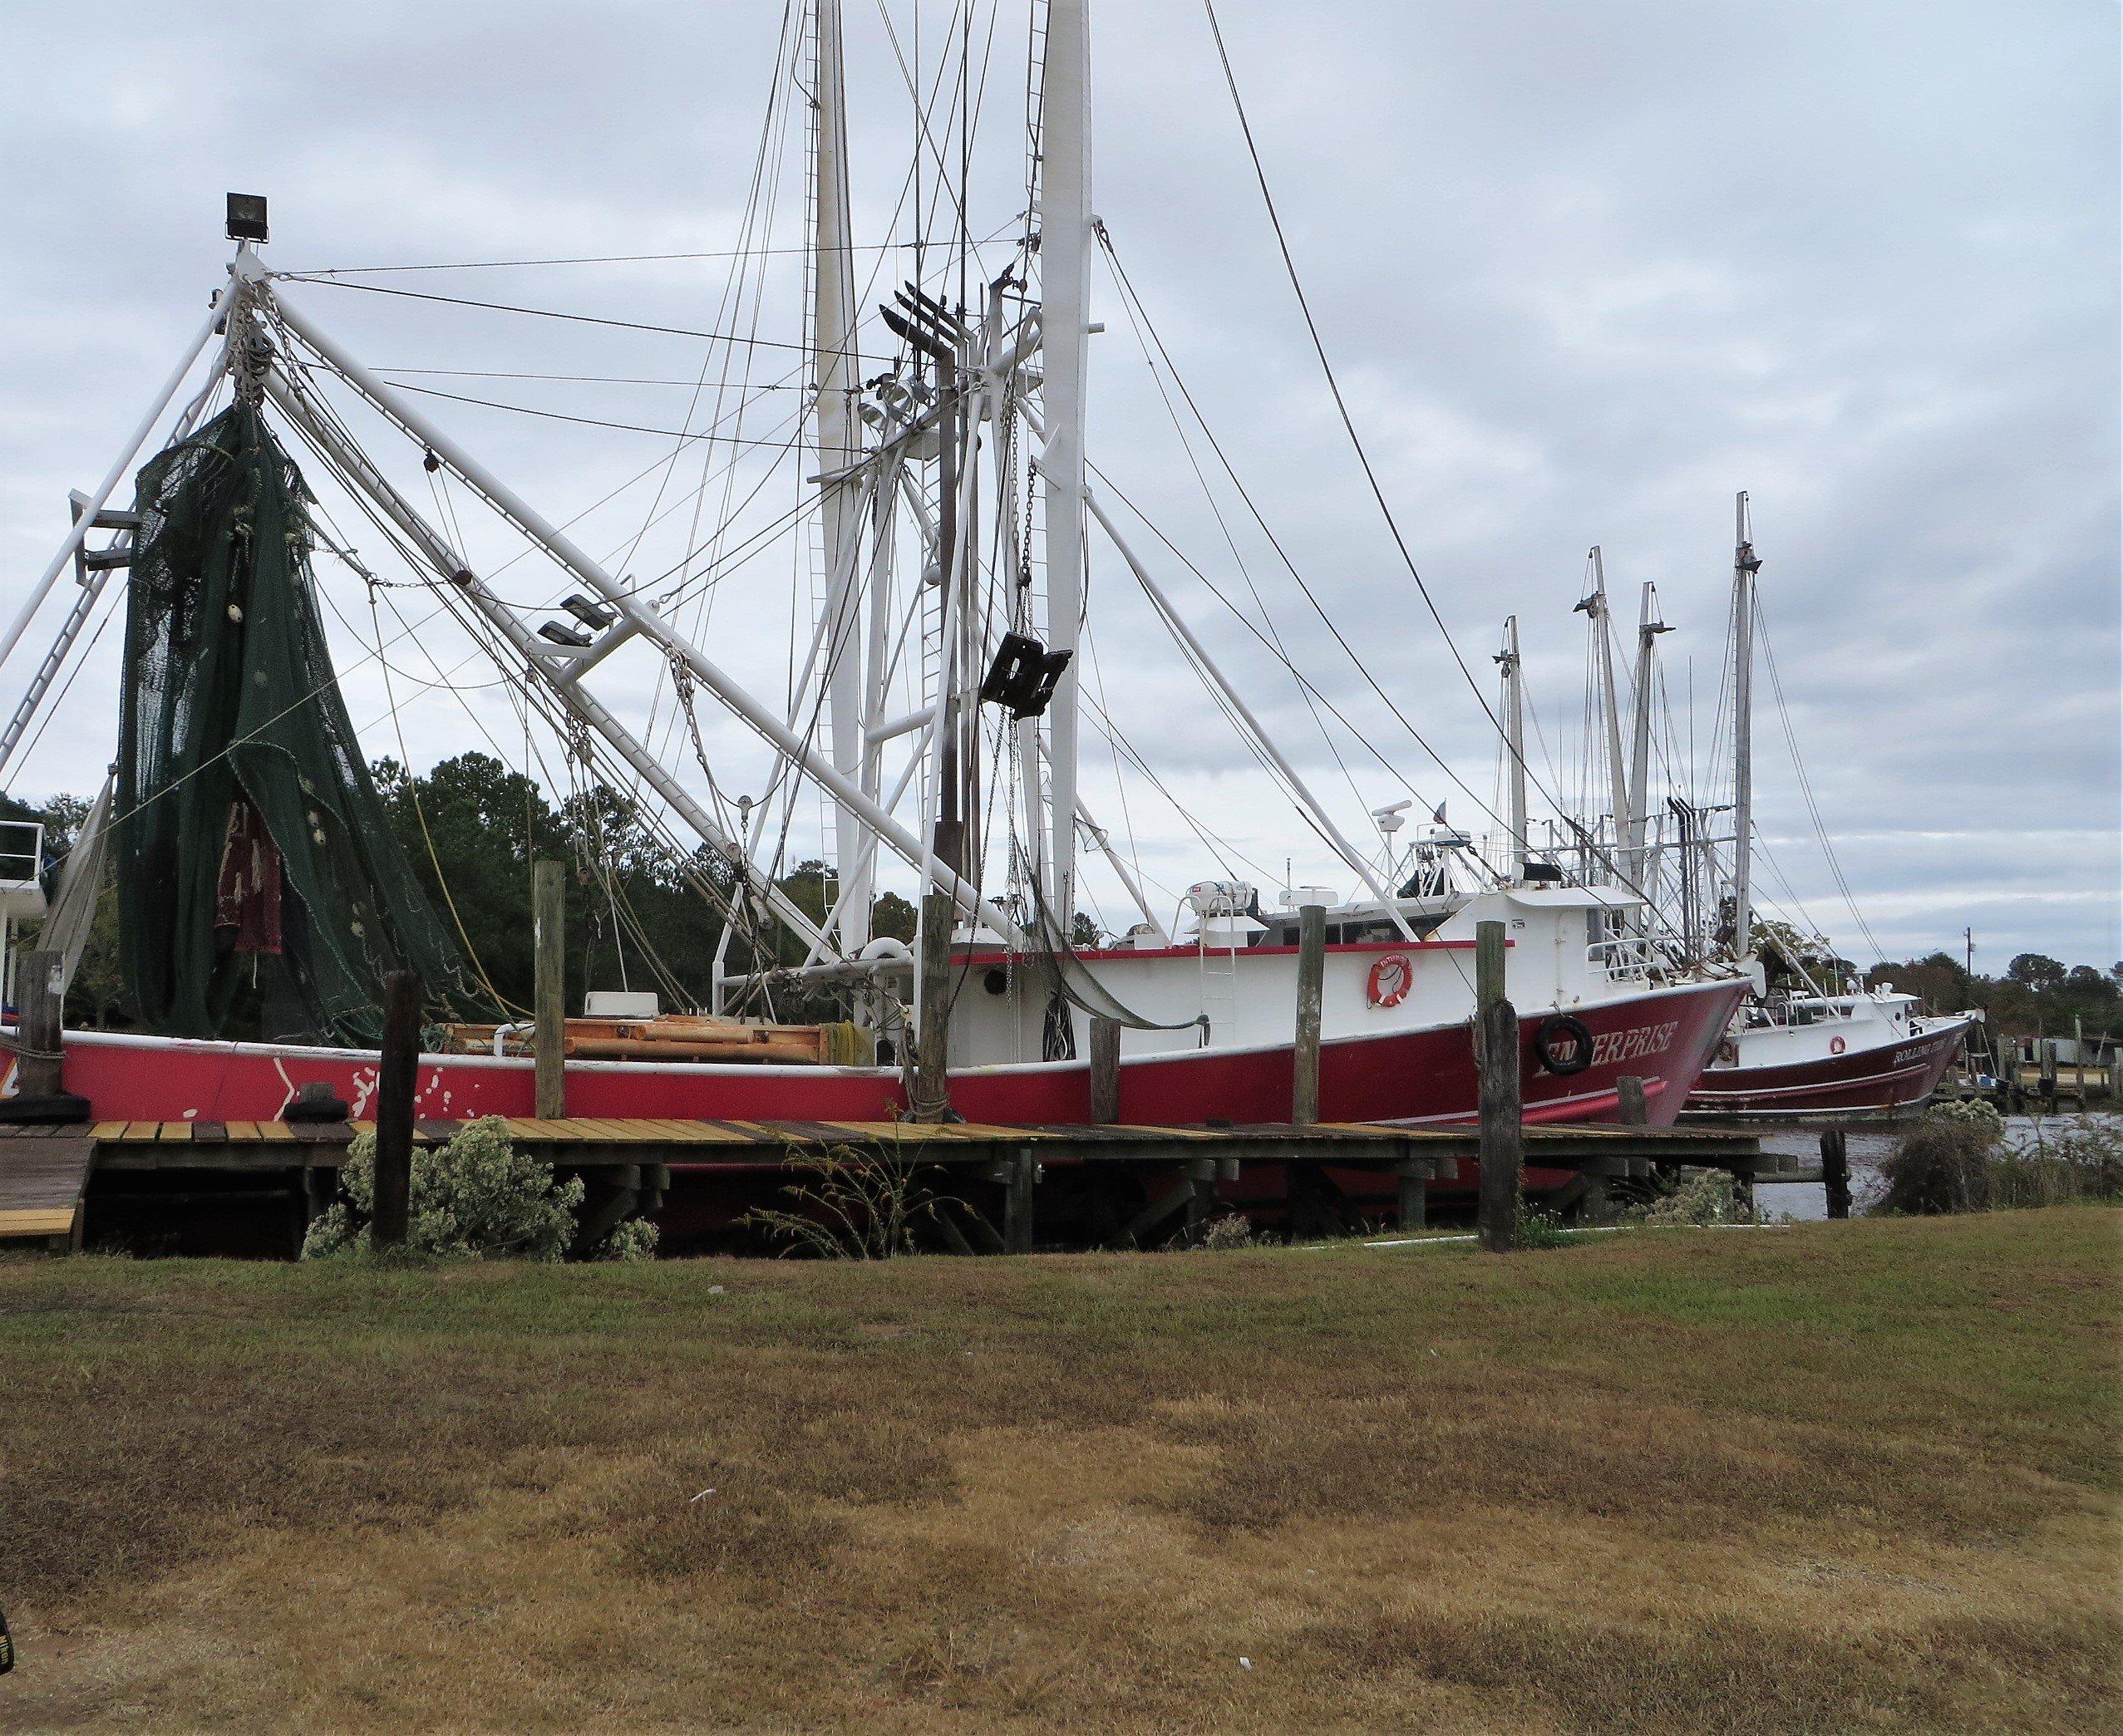 Abundant Seafood In The Land Of Forrest Gump Bayou La Batre A Shrimp Boat Has Just Delivered Fresh Catch